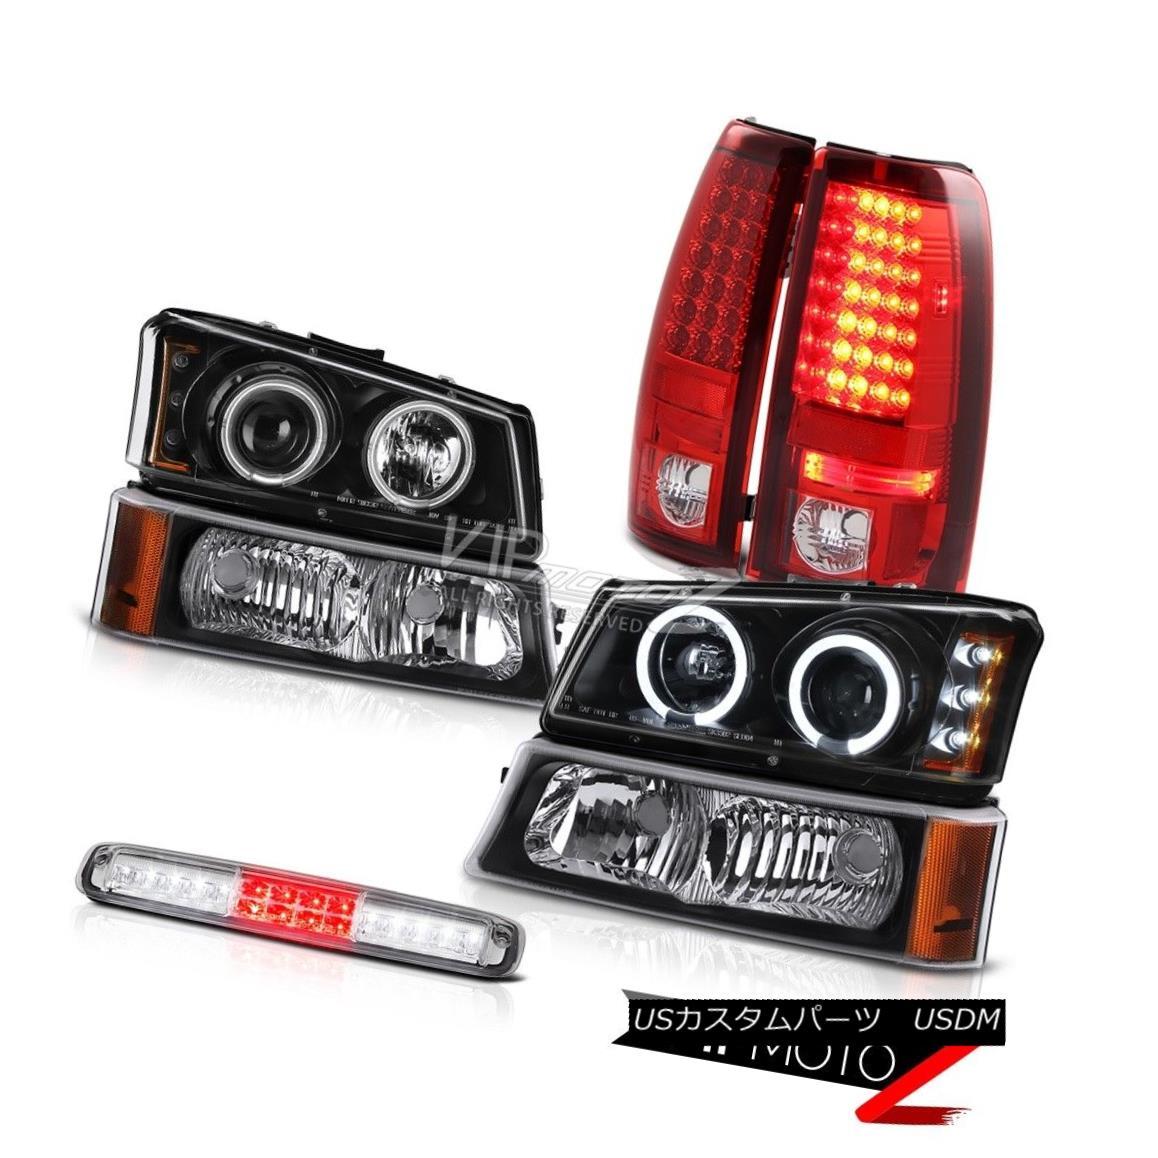 ヘッドライト 03-06 Silverado Signal Lamp High Stop Headlights Red Clear Parking Brake Lights 03-06 Silverado信号ランプハイストップヘッドライトレッドクリアパーキングブレーキライト